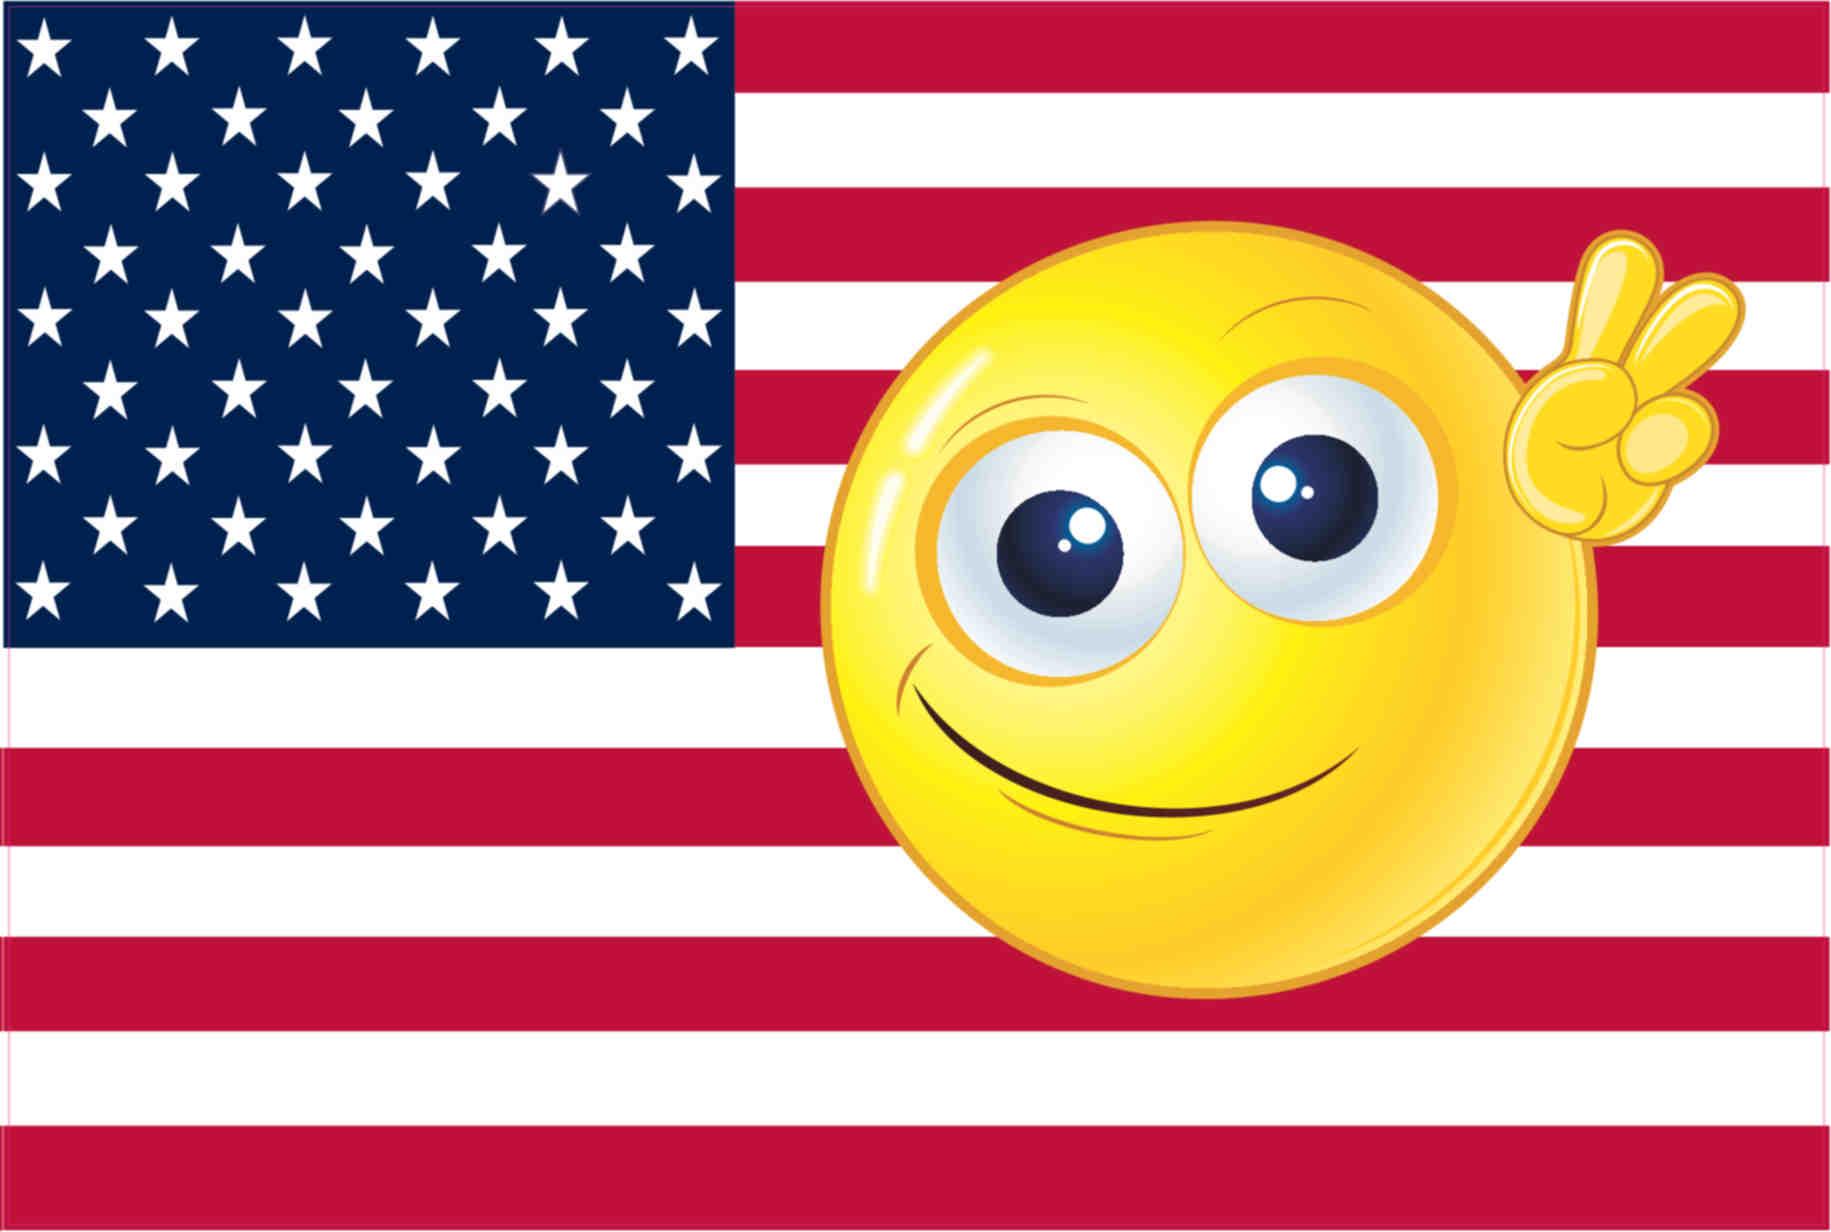 6inx4in Emoji American Flag Magnet Vinyl Magnetic ...